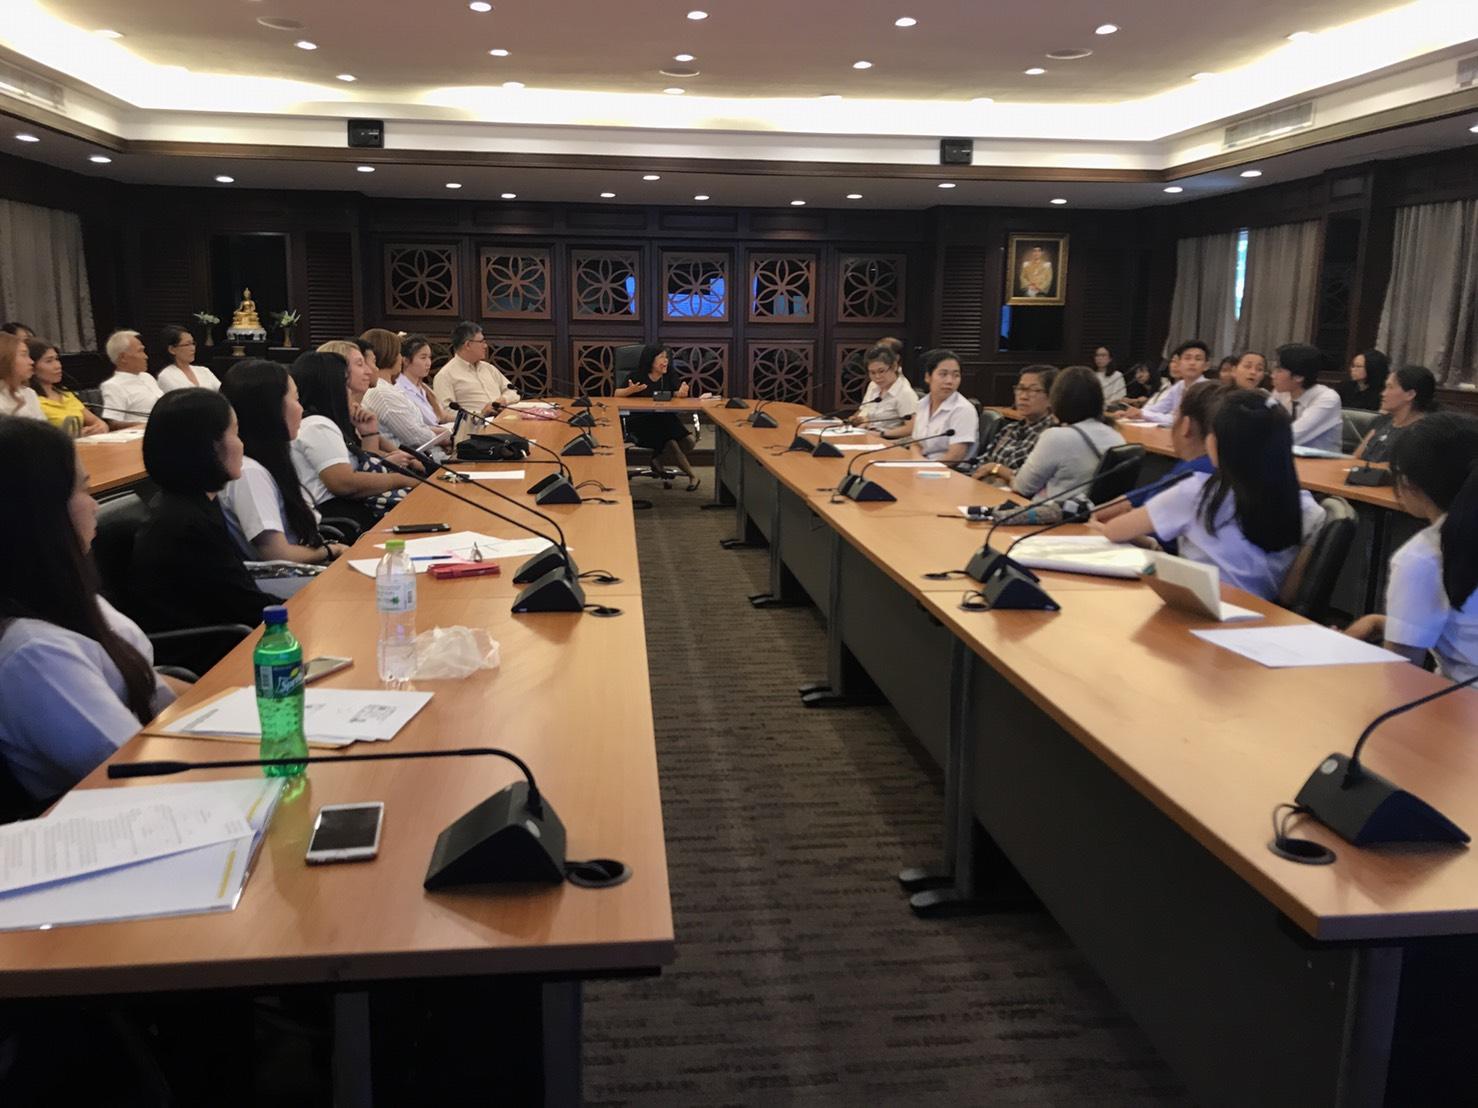 การประชุมเตรียมความพร้อมสำหรับนักศึกษาที่ได้รับทุนการศึกษาเข้าร่วมโครงการ TFI SCALE 2017 (LEX) ณ Singapore Polytechnic ประเทศสิงคโปร์